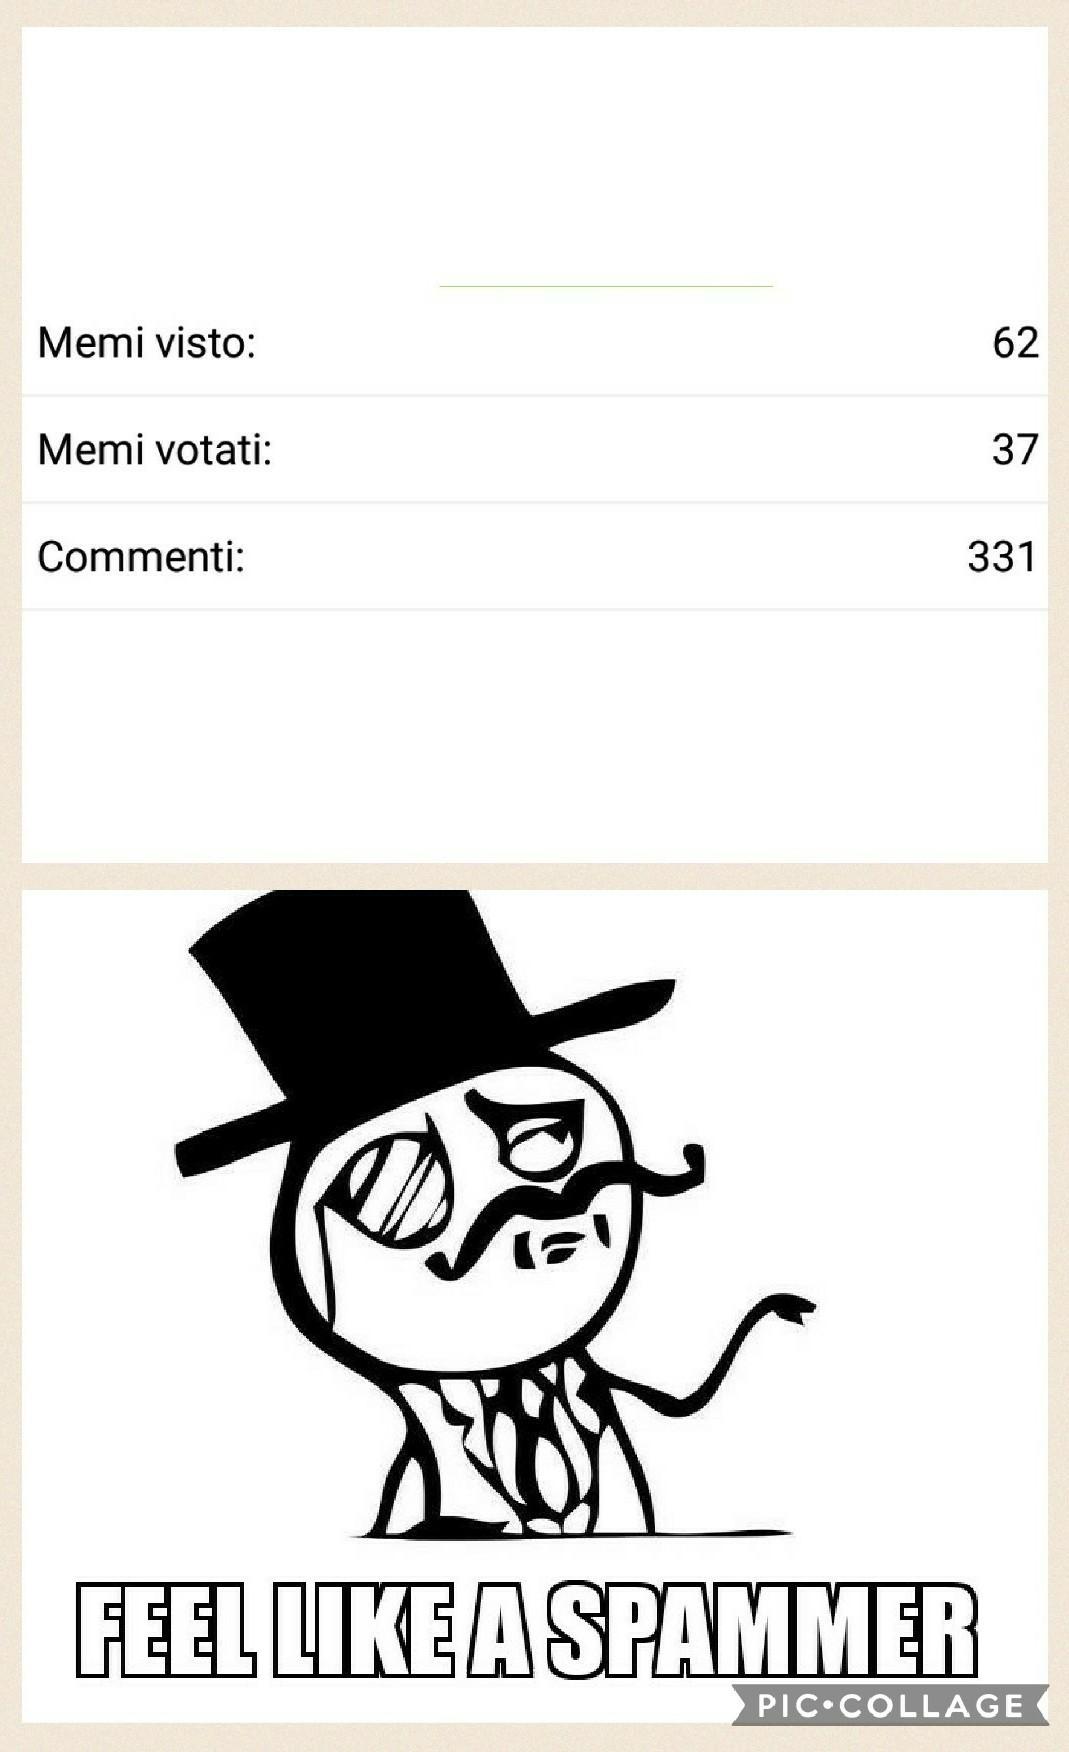 Per chi lo volesse sapere questo è il profilo di fif - meme